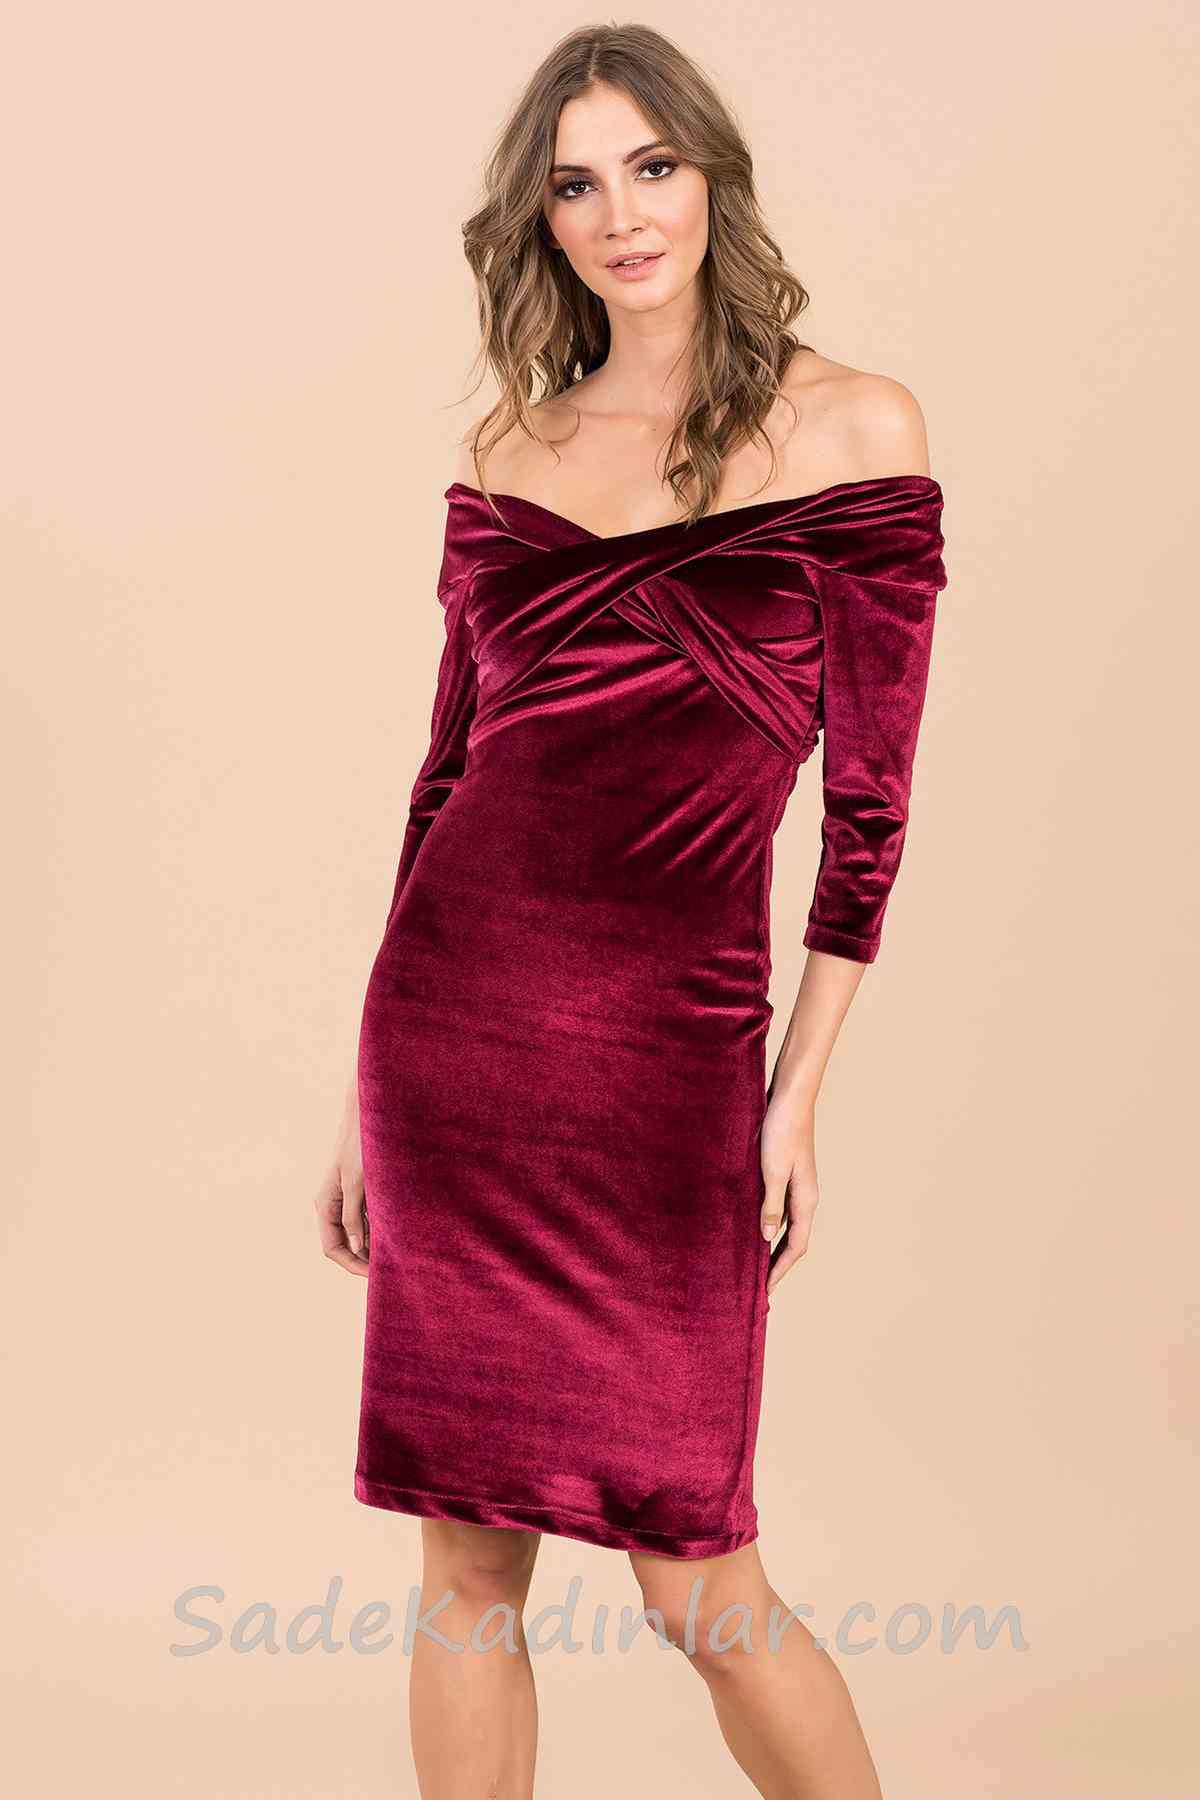 2019 Modası: Omuz Dekoltesine Uygun Saçlar